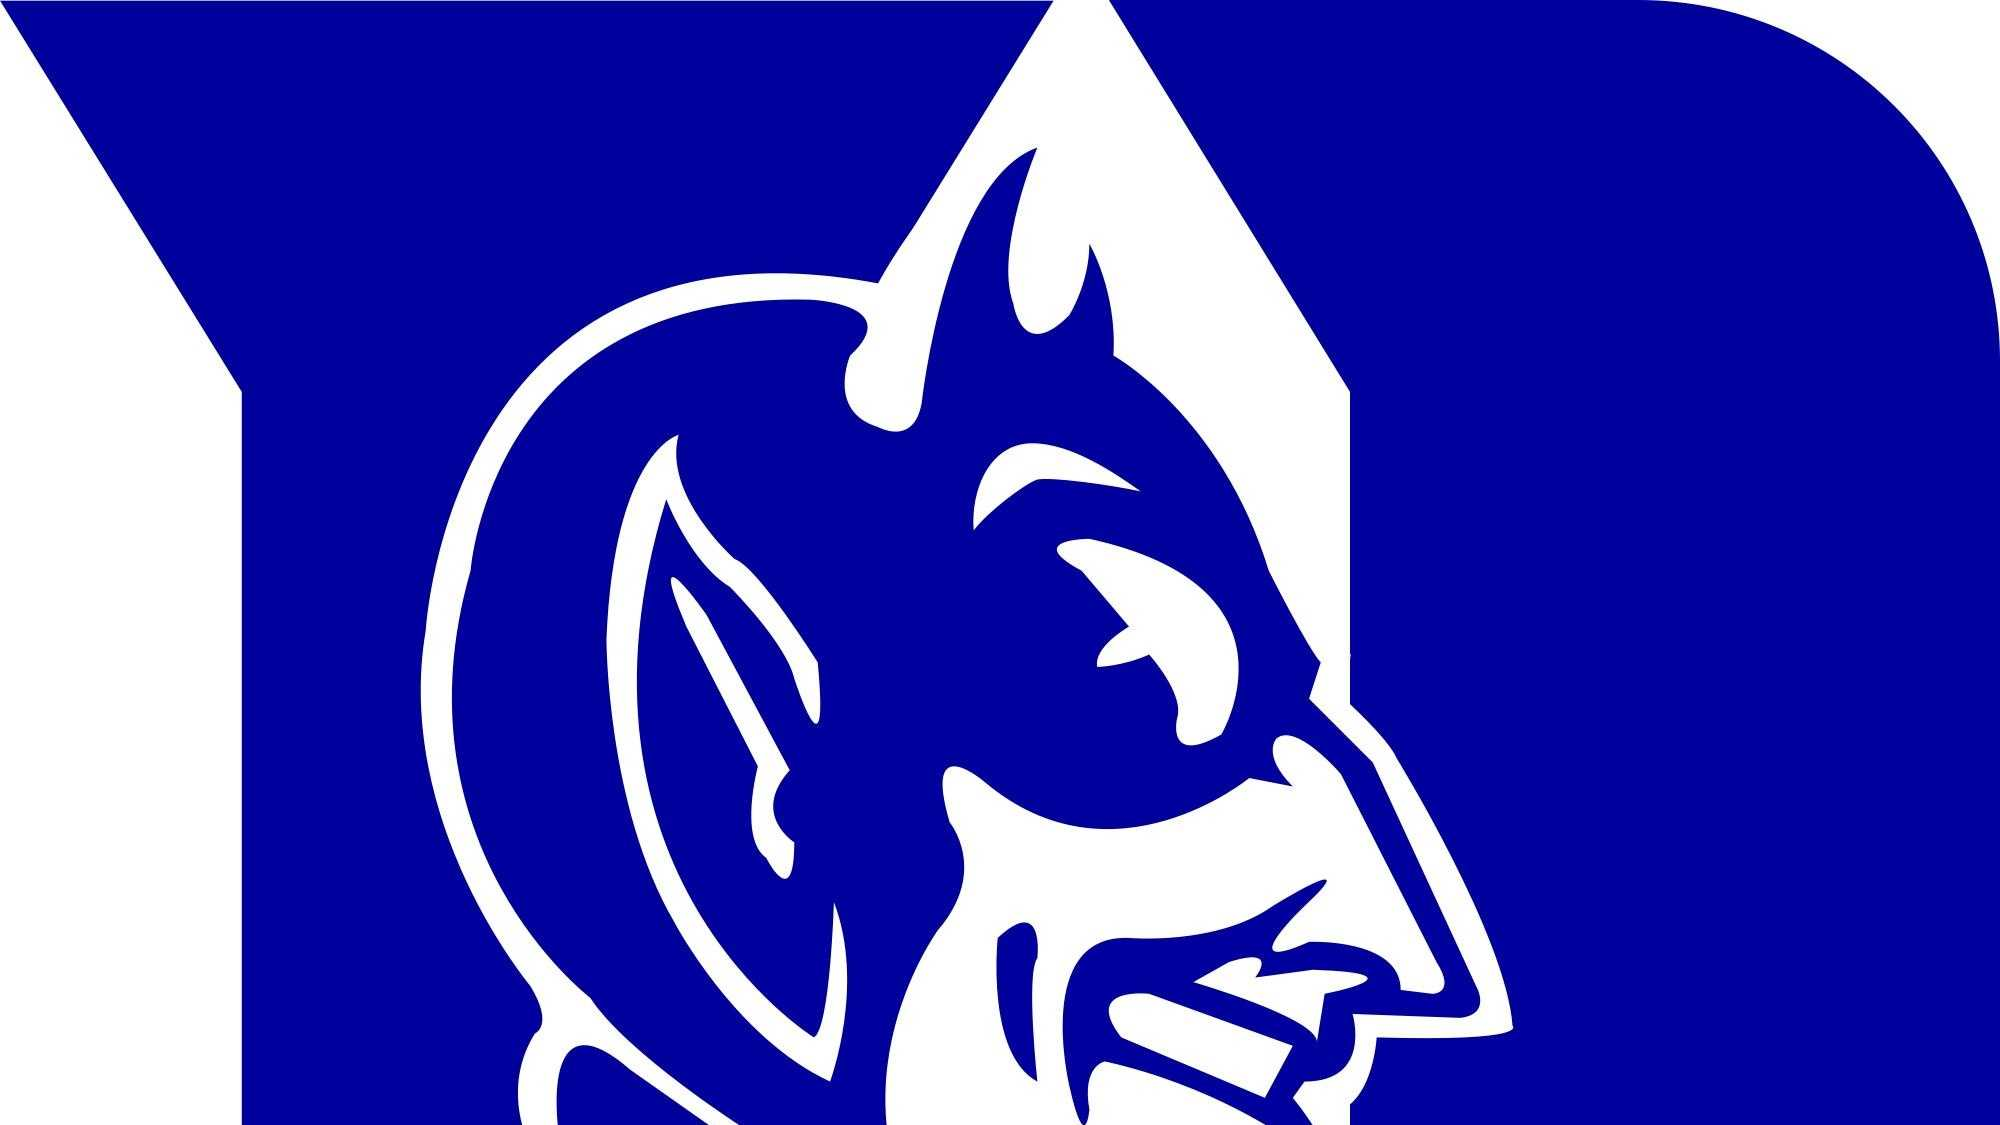 Duke Blue Devils logo - 30390116